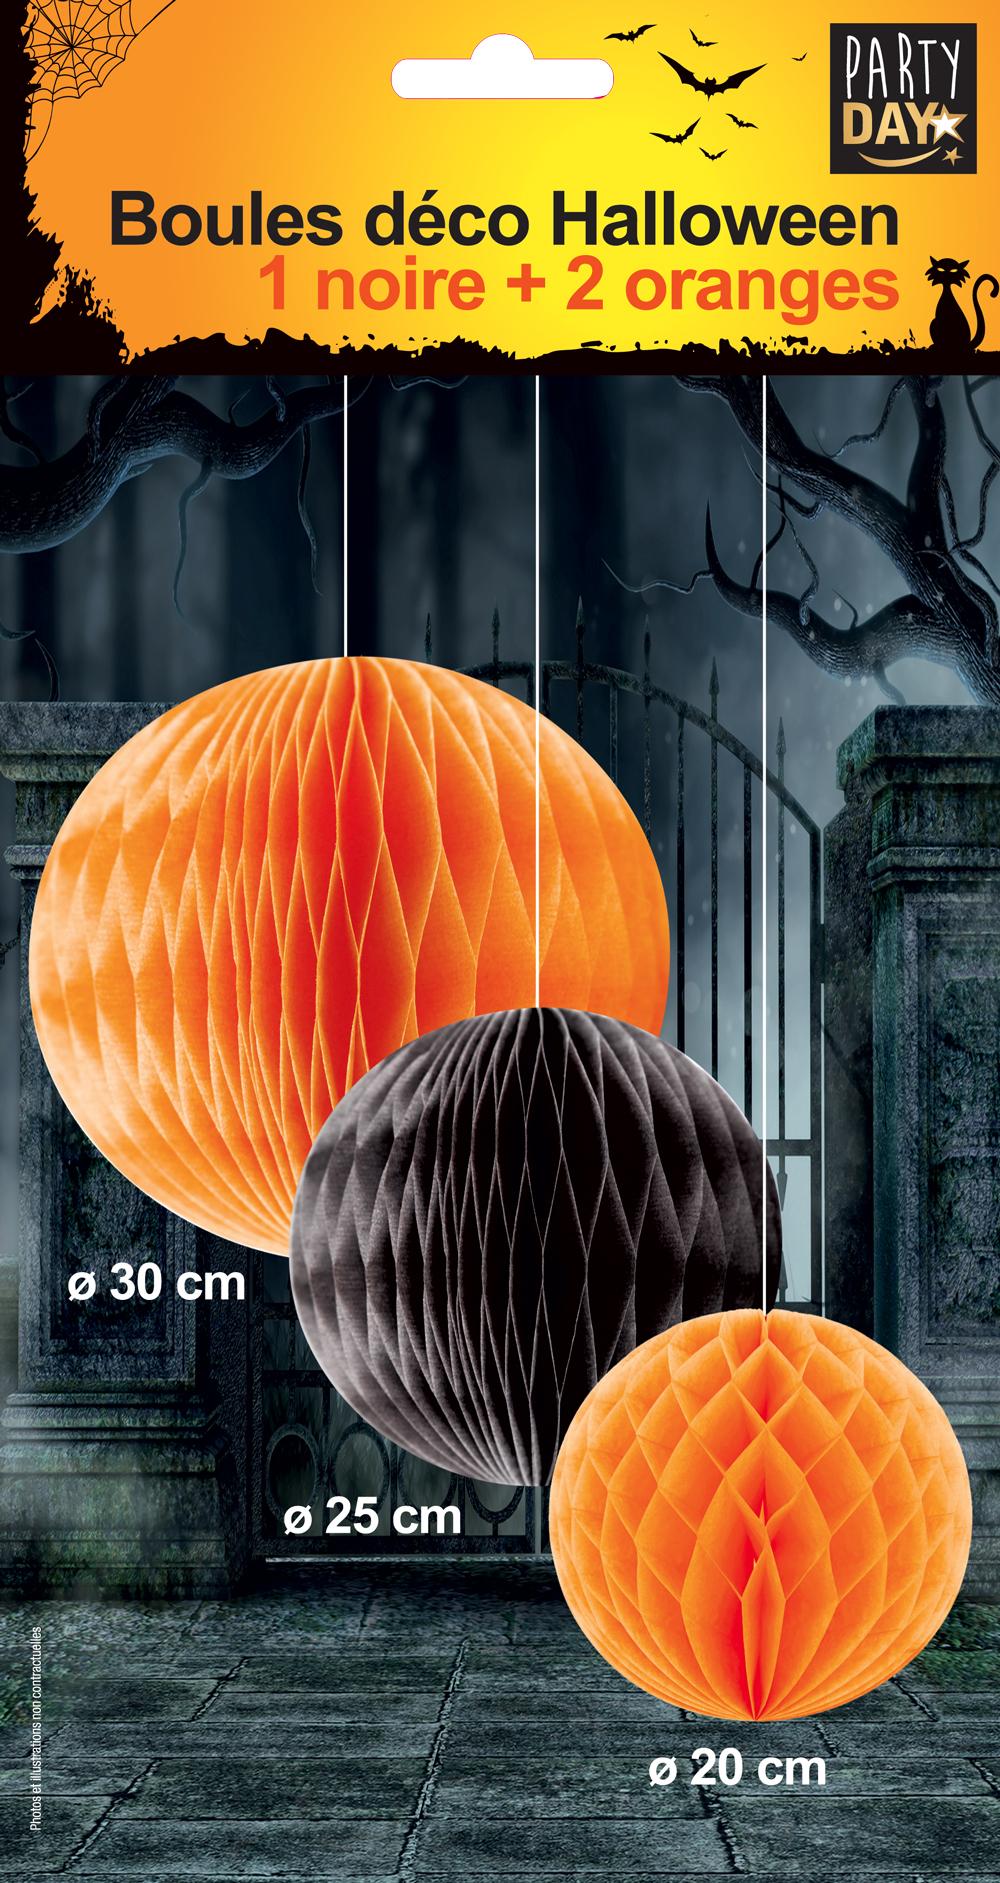 P154537-BOULES-DECO-HALLOWEEN--#1-3D-SACHET